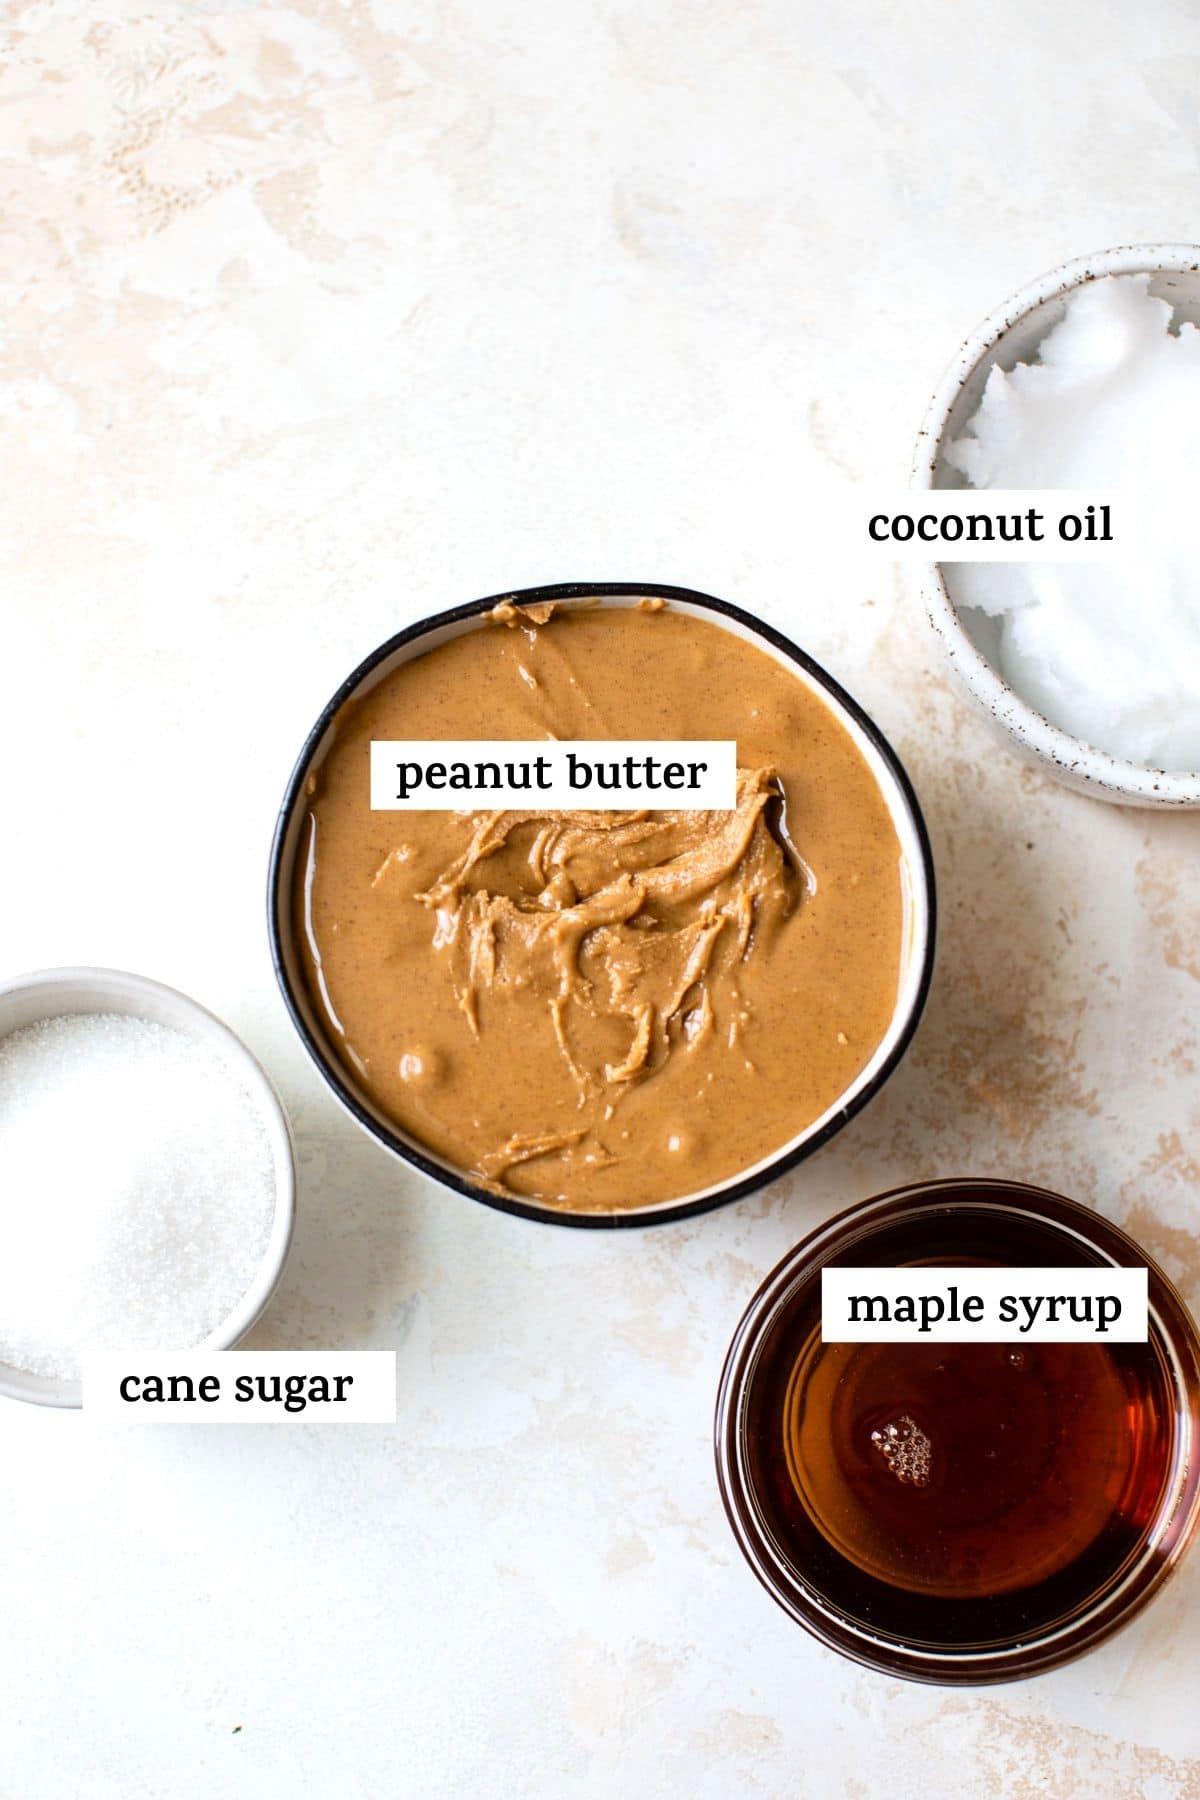 fudge ingredients with text over top